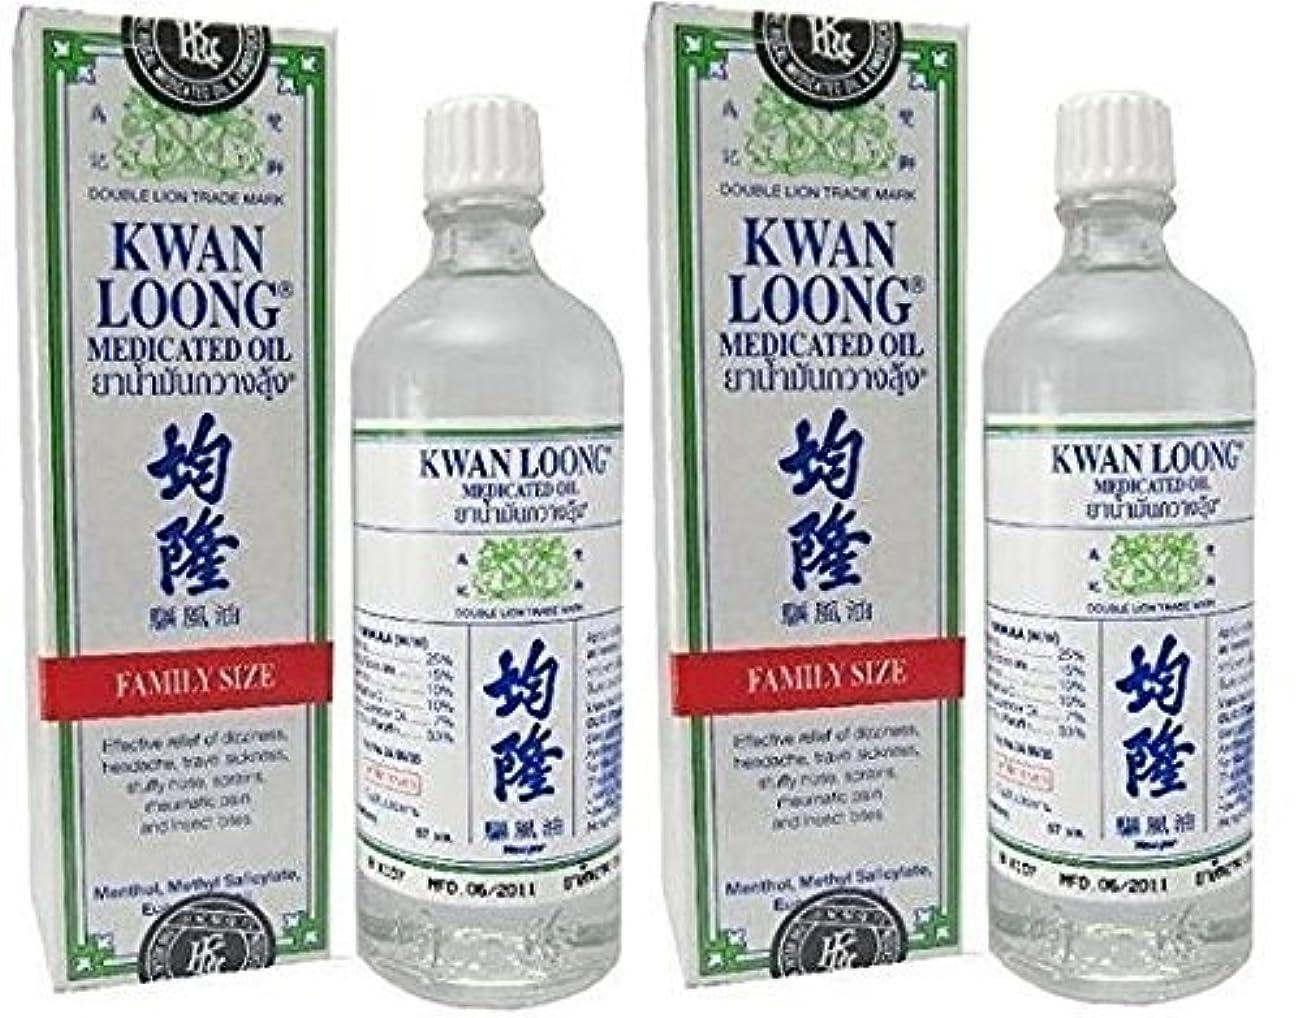 アサーキラウエア山マッシュクワンルーン薬用オイル 2 x 57ミリリットル 2 x Kwan Loong Medicated Oil 57ml. Free Shipping.